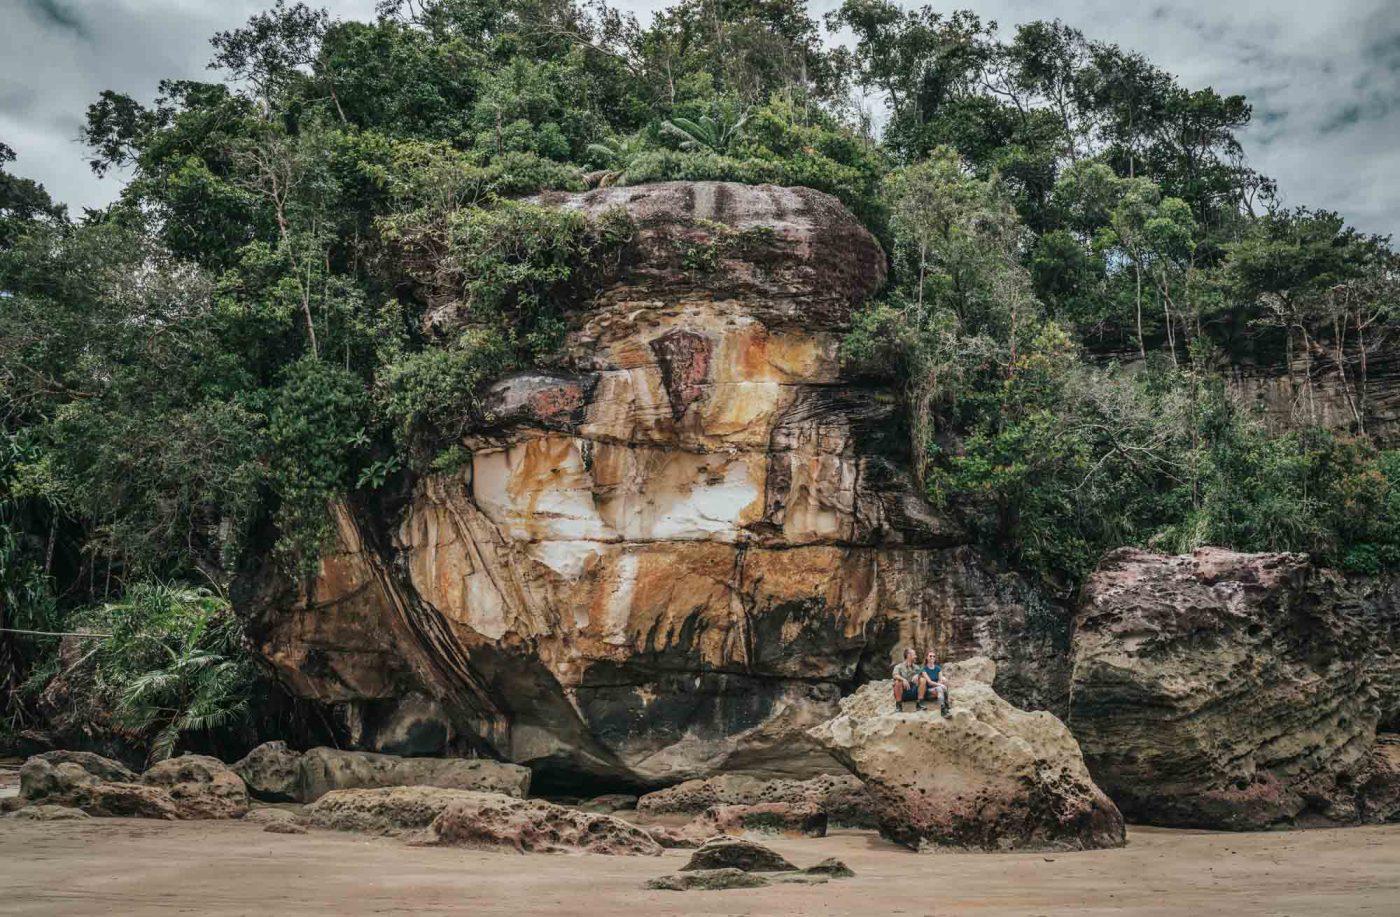 Bako National Park, Sarawak, Malaysia